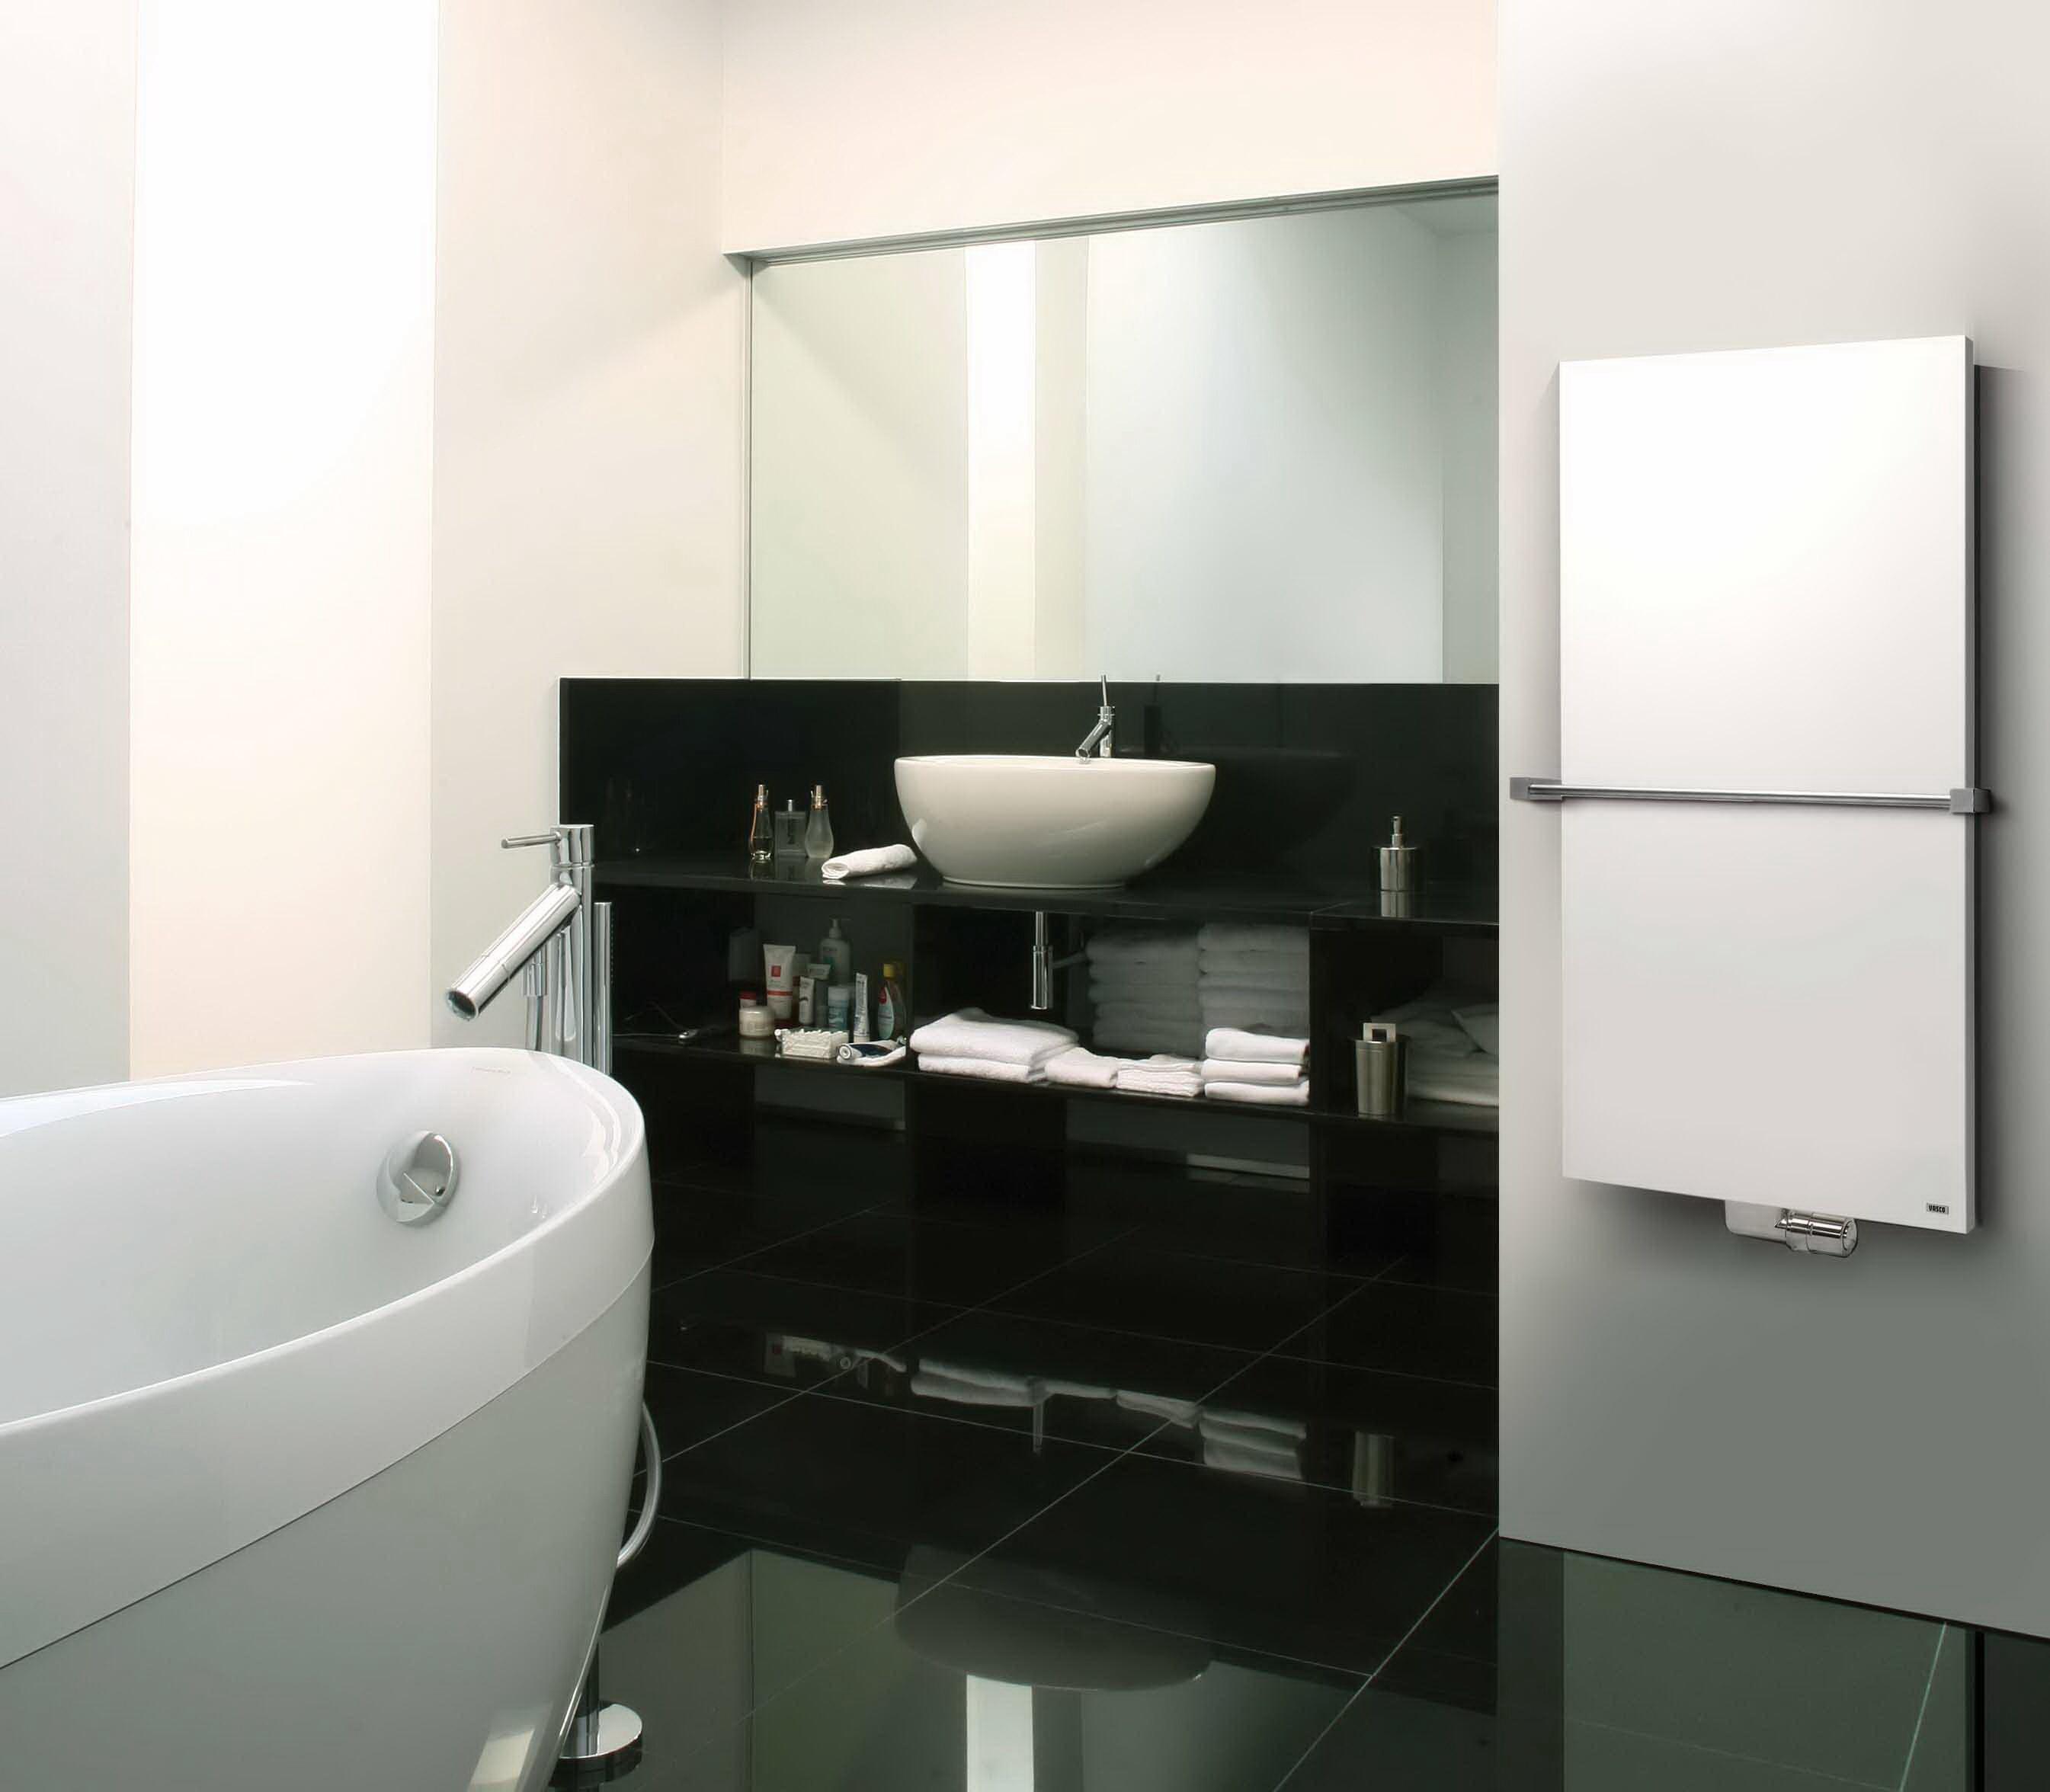 Niva una nuova collezione di termoarredi per vasco bagno italiano blog - Termoarredi per bagno ...